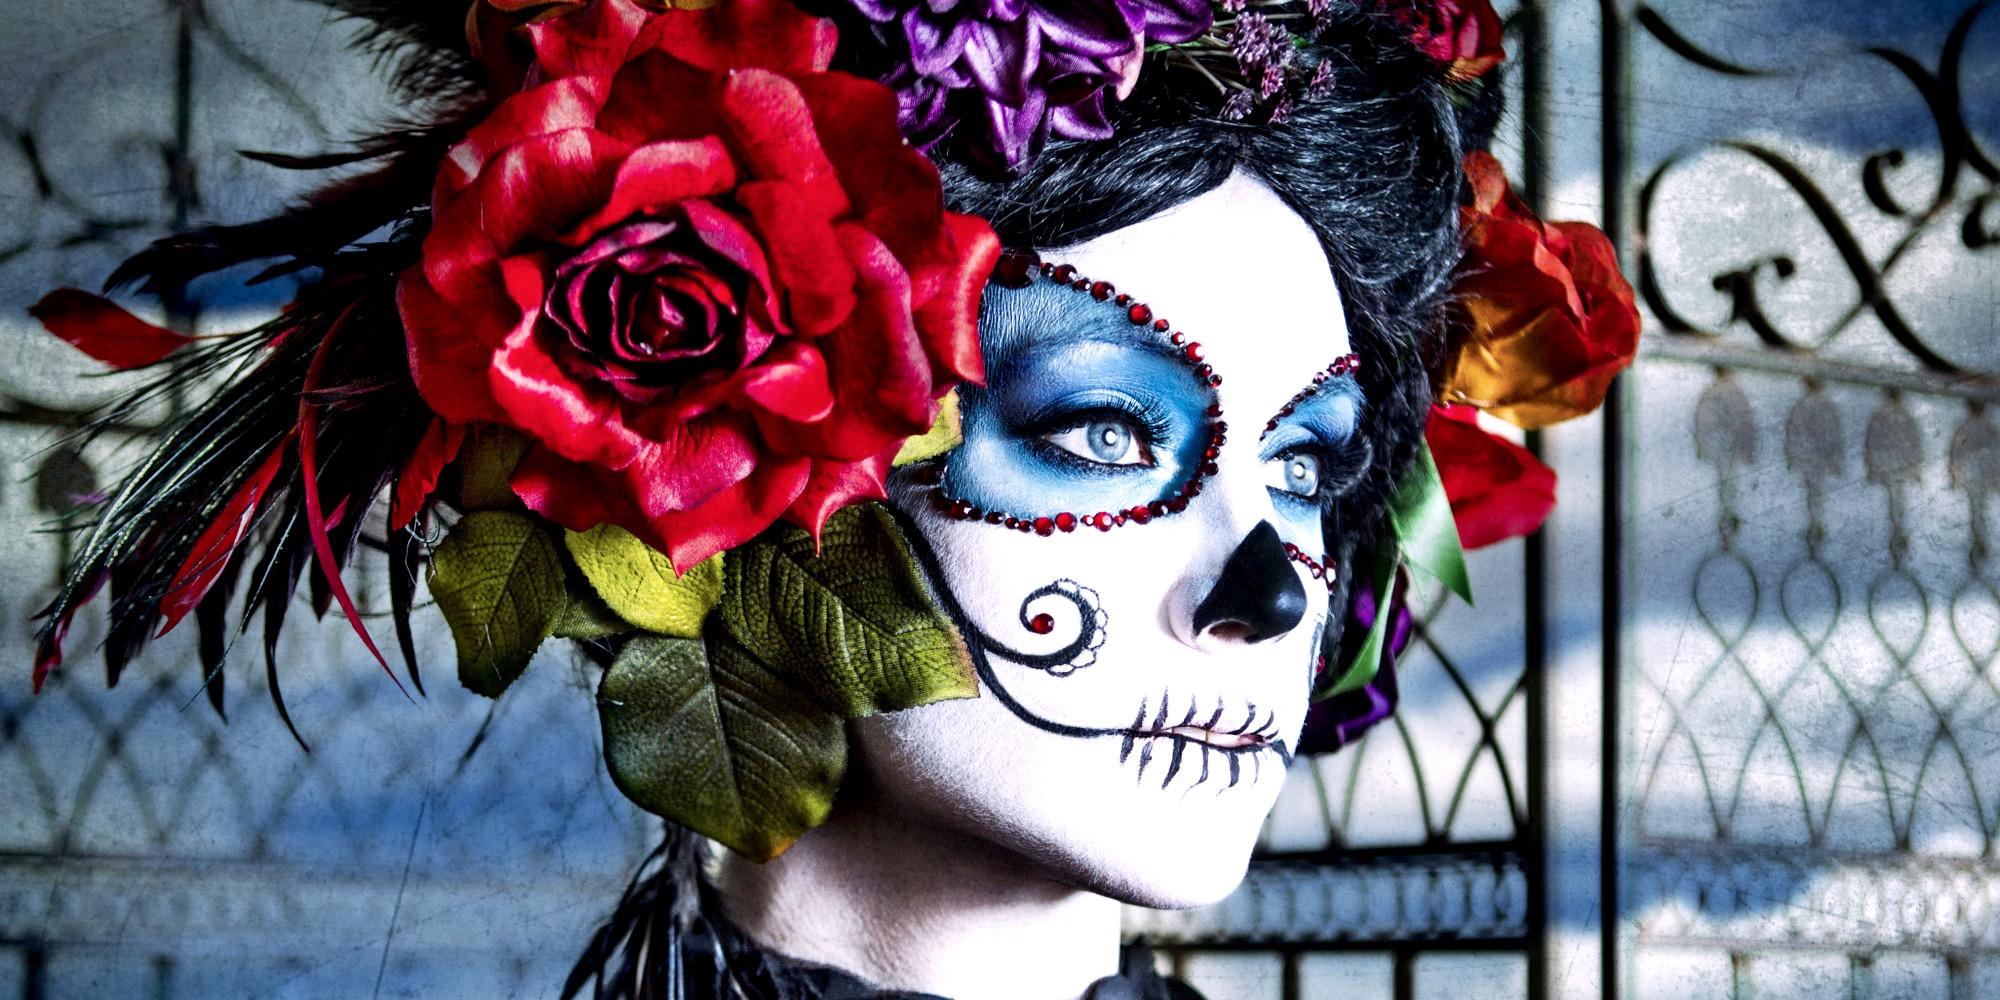 день мертвых. в <em>мертвых</em> мексике <em>вдохновение Мексики: День Мертвых. Кто такая Катрина (catrina)?</em> фото